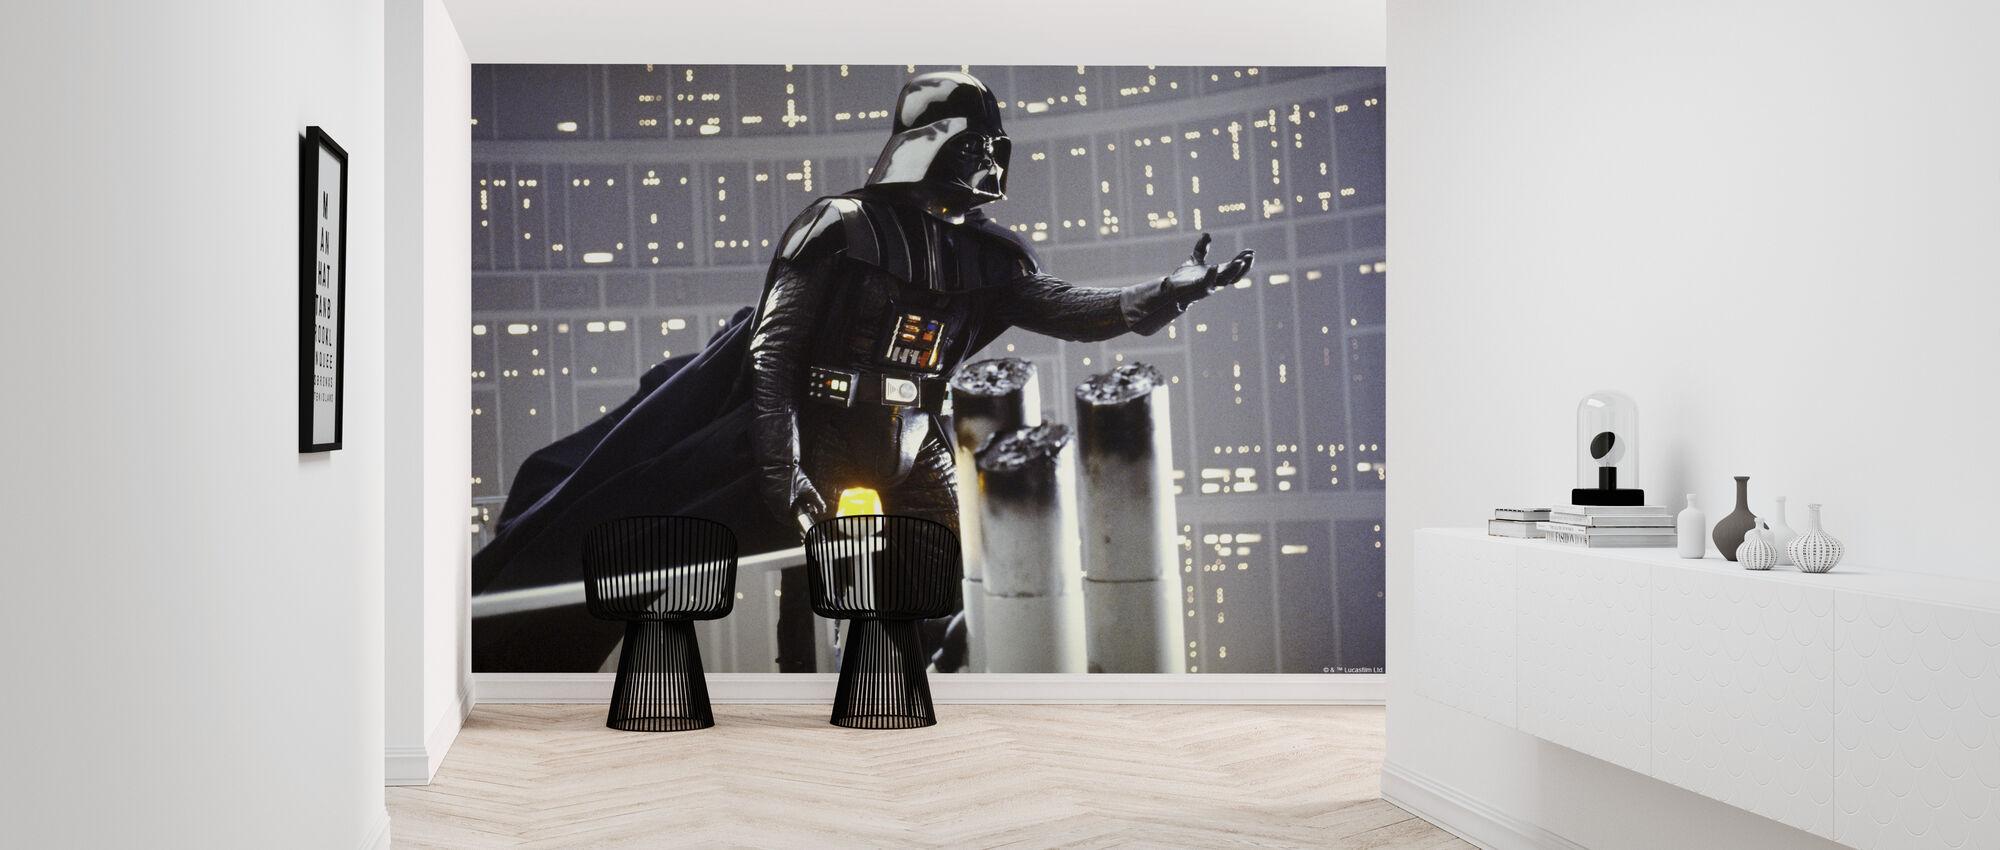 Stjärnornas krig - Darth Vader Bespin - Tapet - Hall